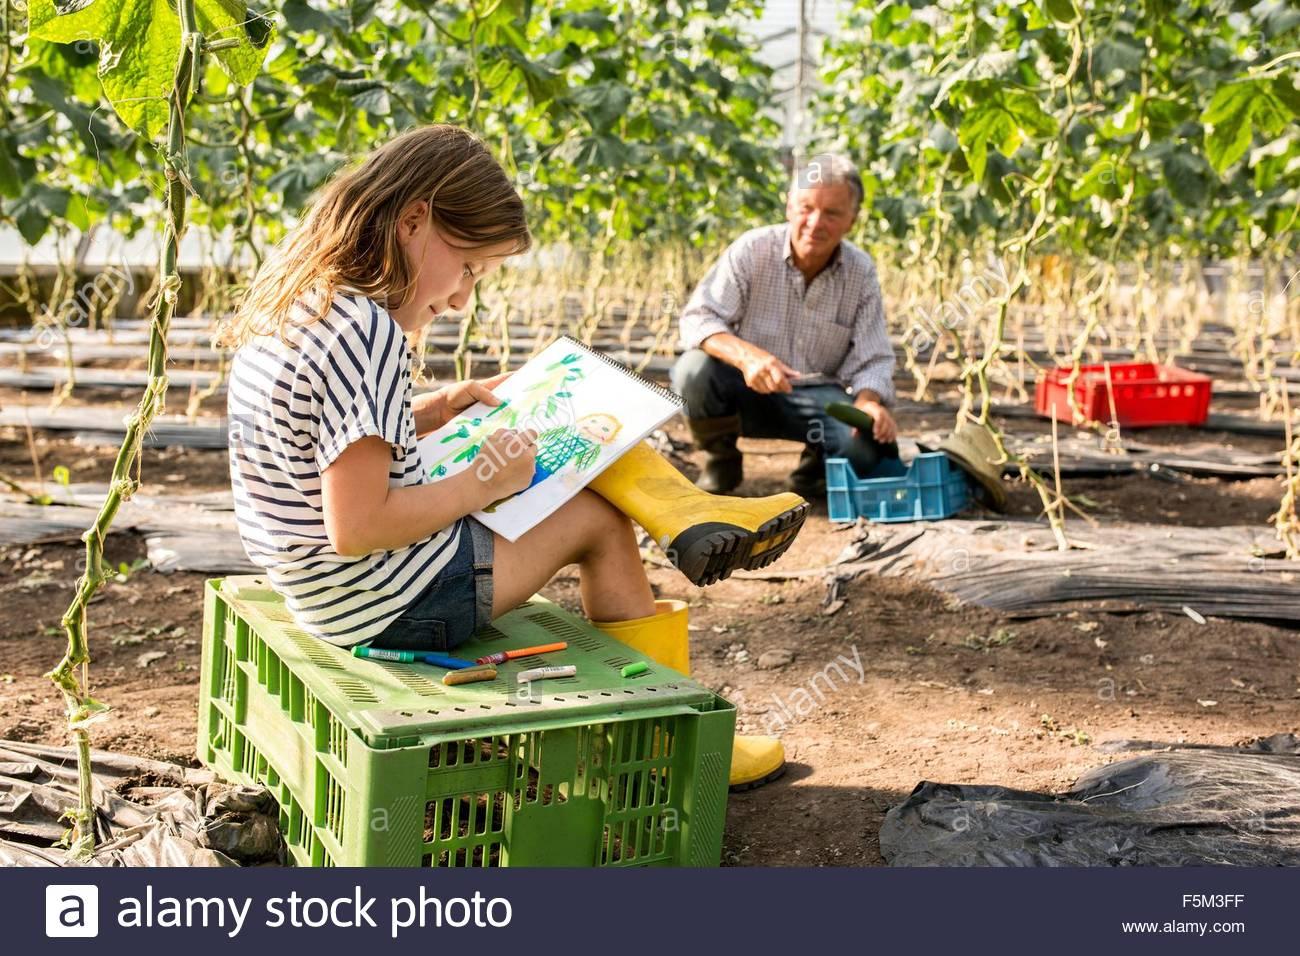 Ragazza seduta sulla cassa disegno mentre nonno funziona Immagini Stock